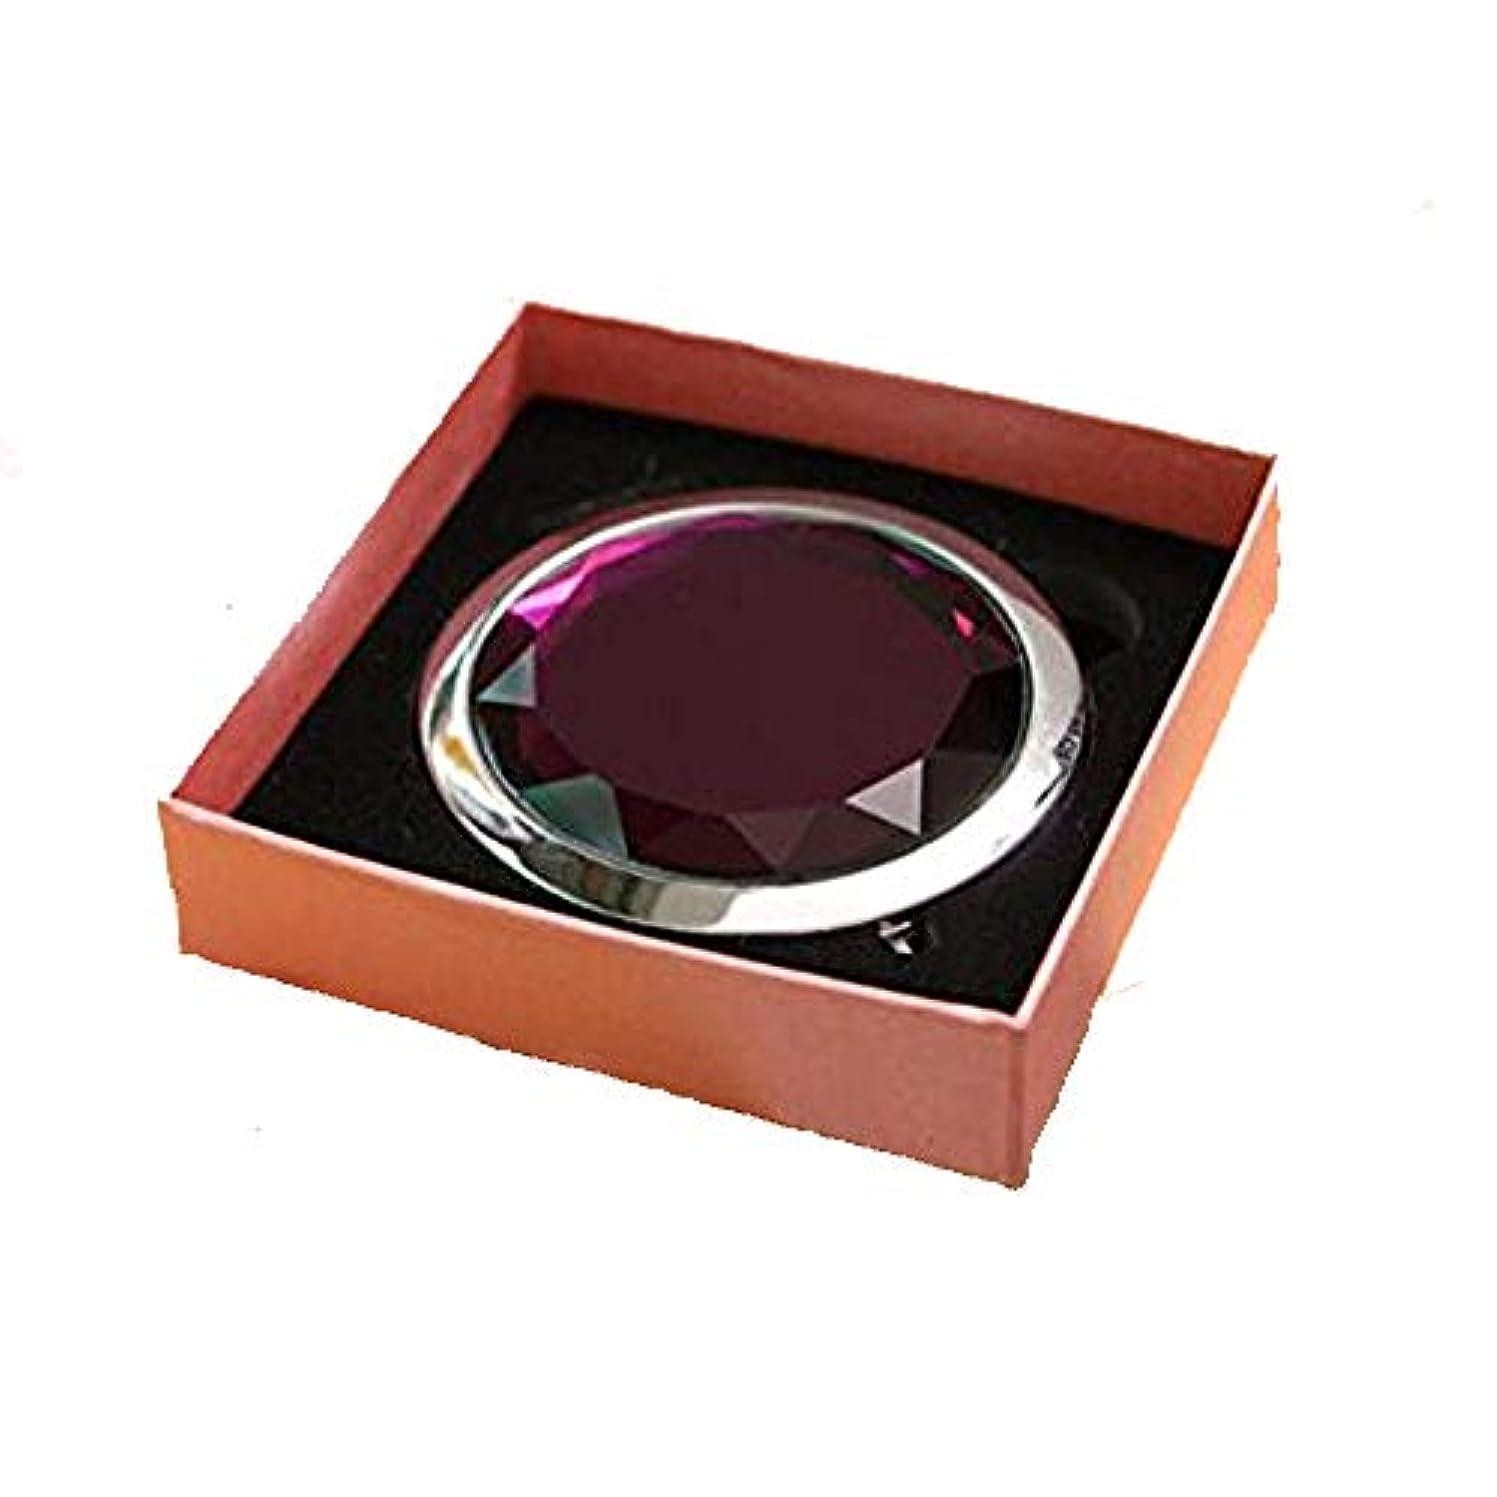 マネージャー肌寒い出しますHJ 両面 コンパクトミラー 折りたたみ 手鏡 拡大鏡付きメタル デコラティブ 携帯ミラー ハンドミラー (紫)